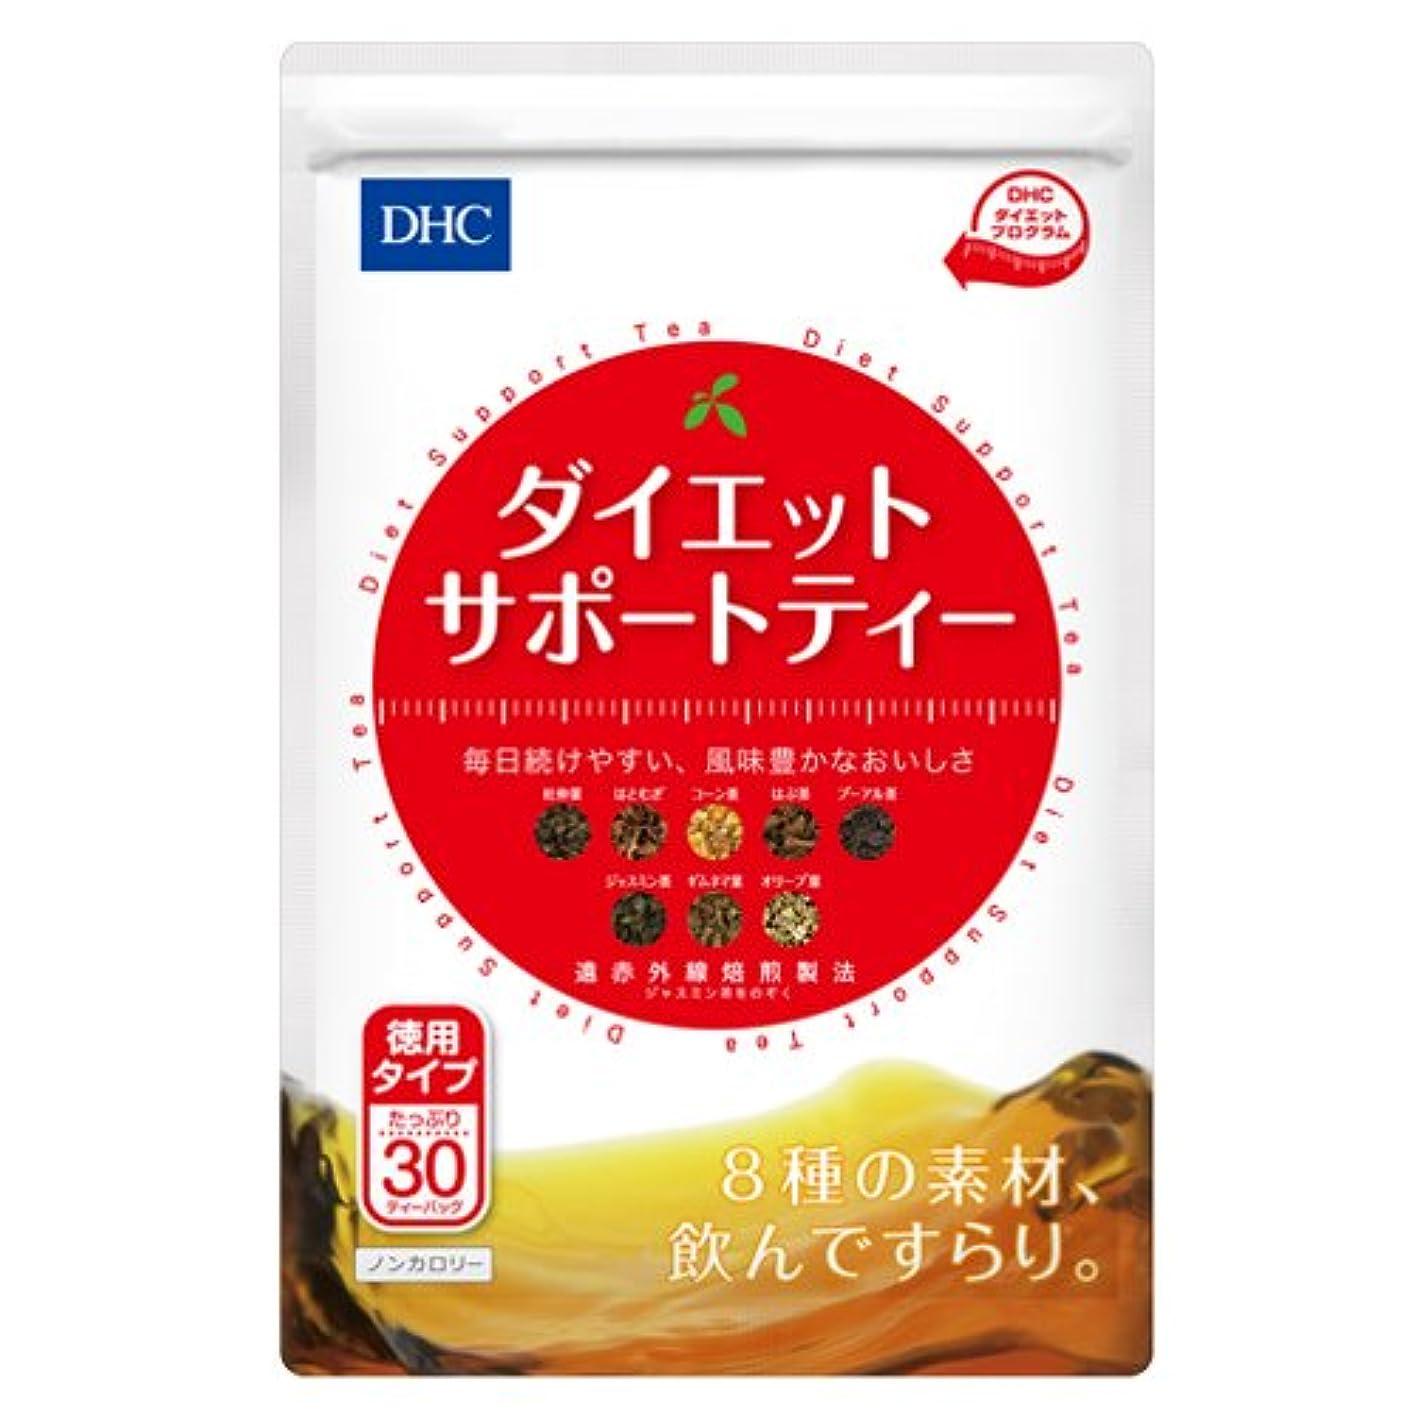 強制的マイクロシチリアDHC ダイエットサポートティー (30ティーバッグ入)